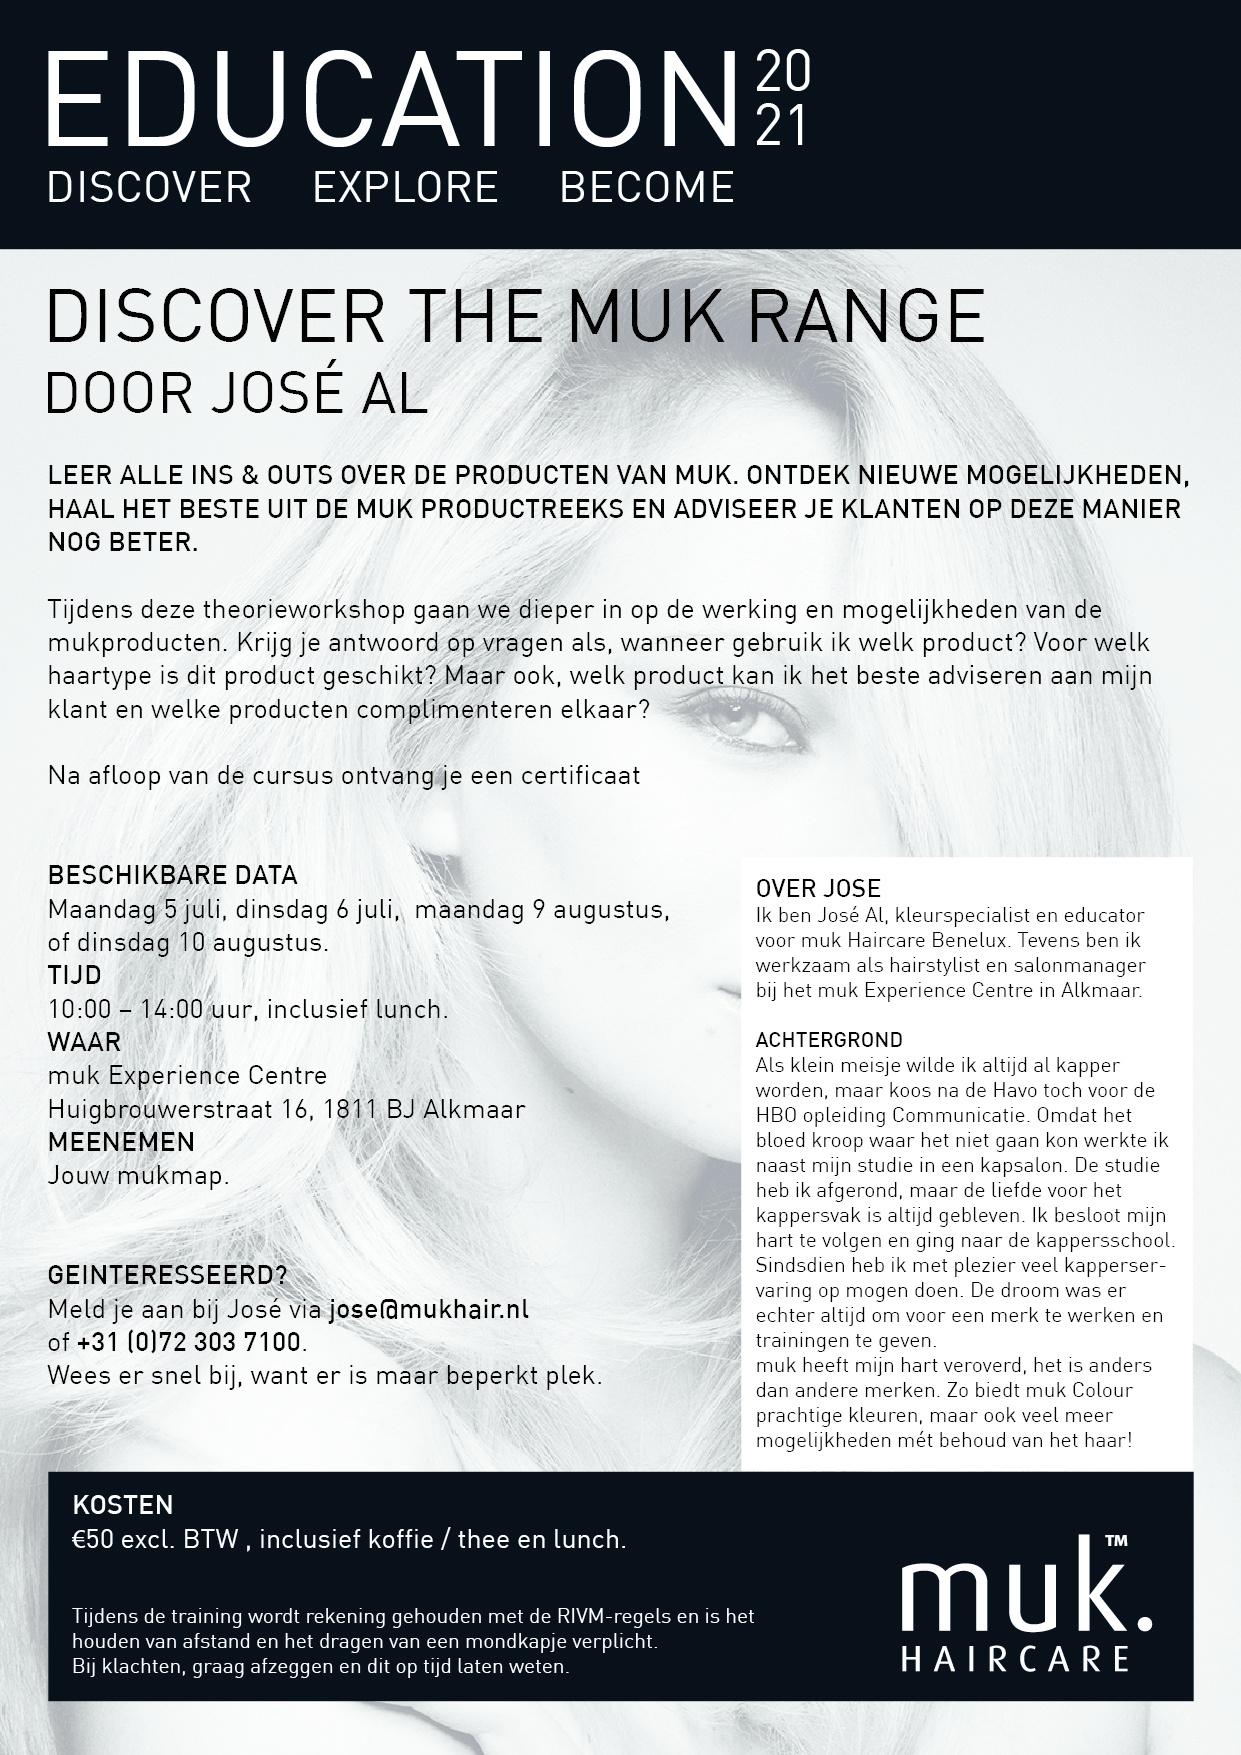 Discover the muk range. Leer alles over de producten van muk Haircare.